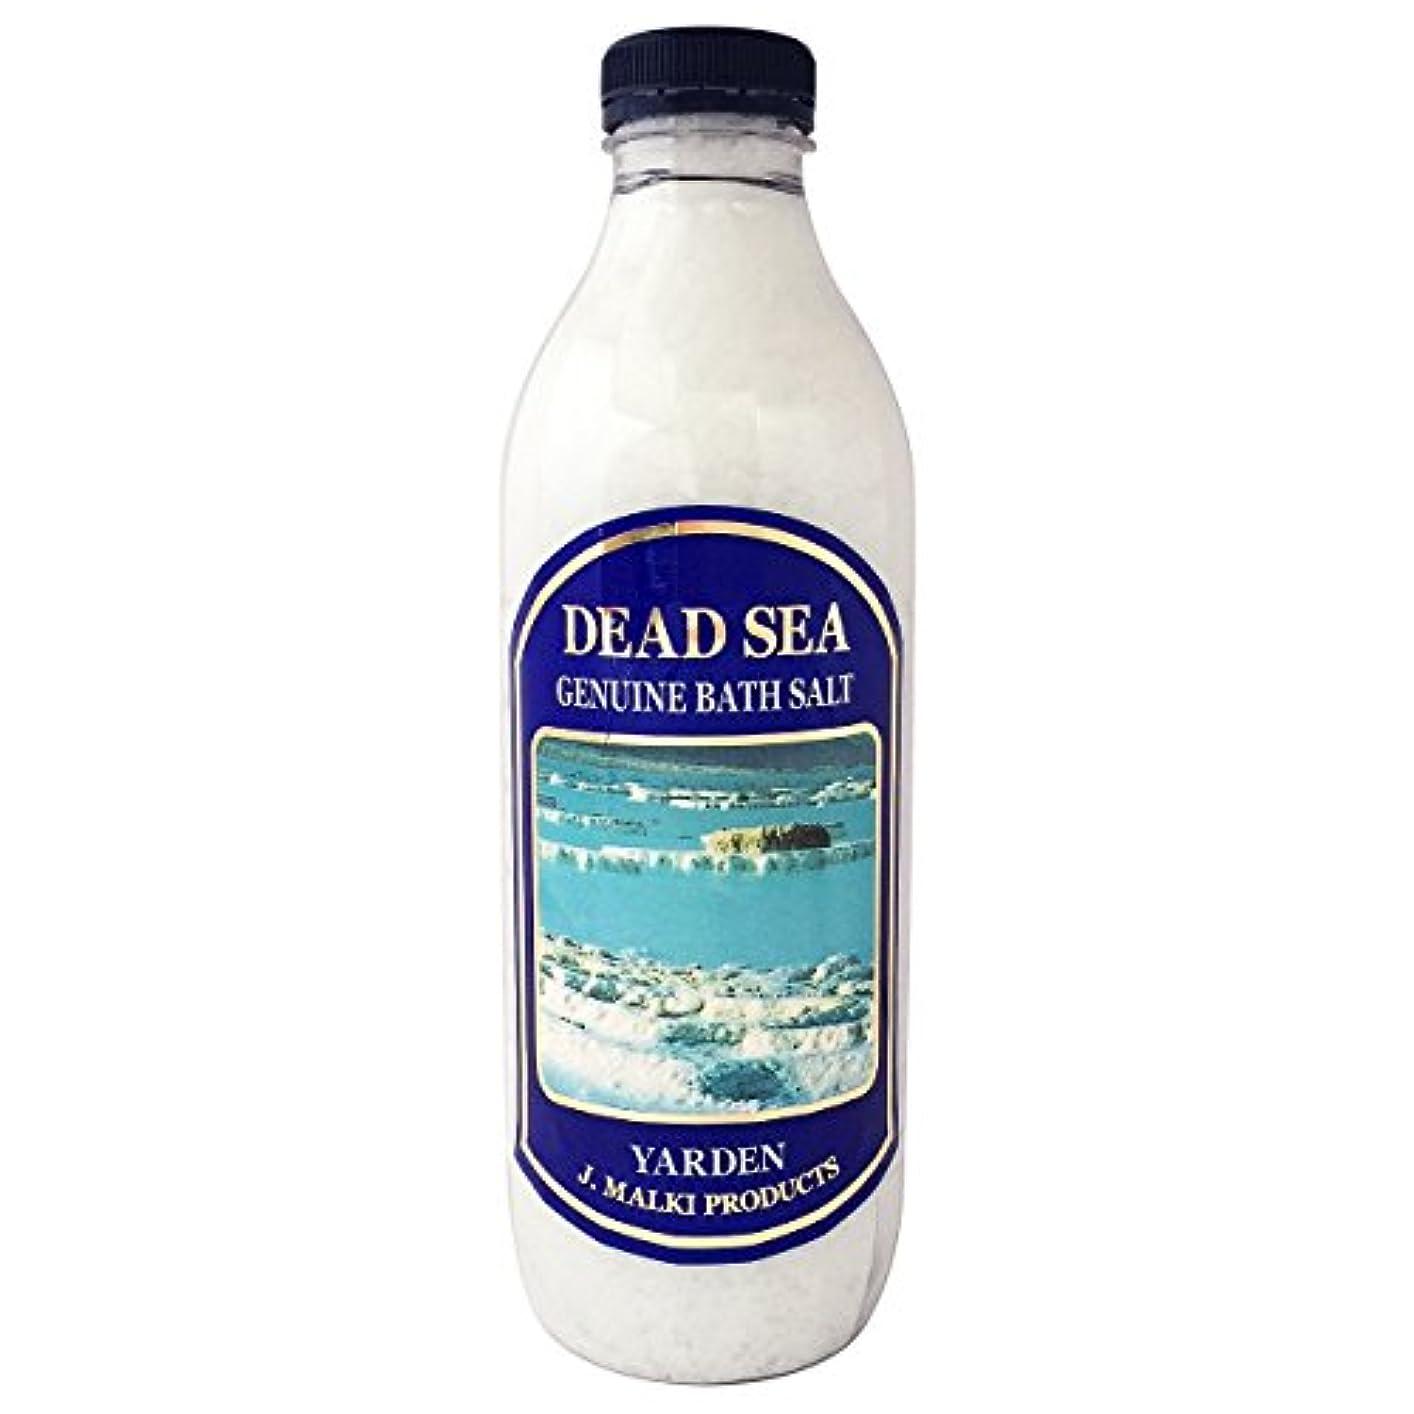 慈悲編集者フィードバックデッドシー?バスソルト 1kg(約10回分)【DEAD SEA BATH SALT】死海の塩/入浴剤(入浴用化粧品)